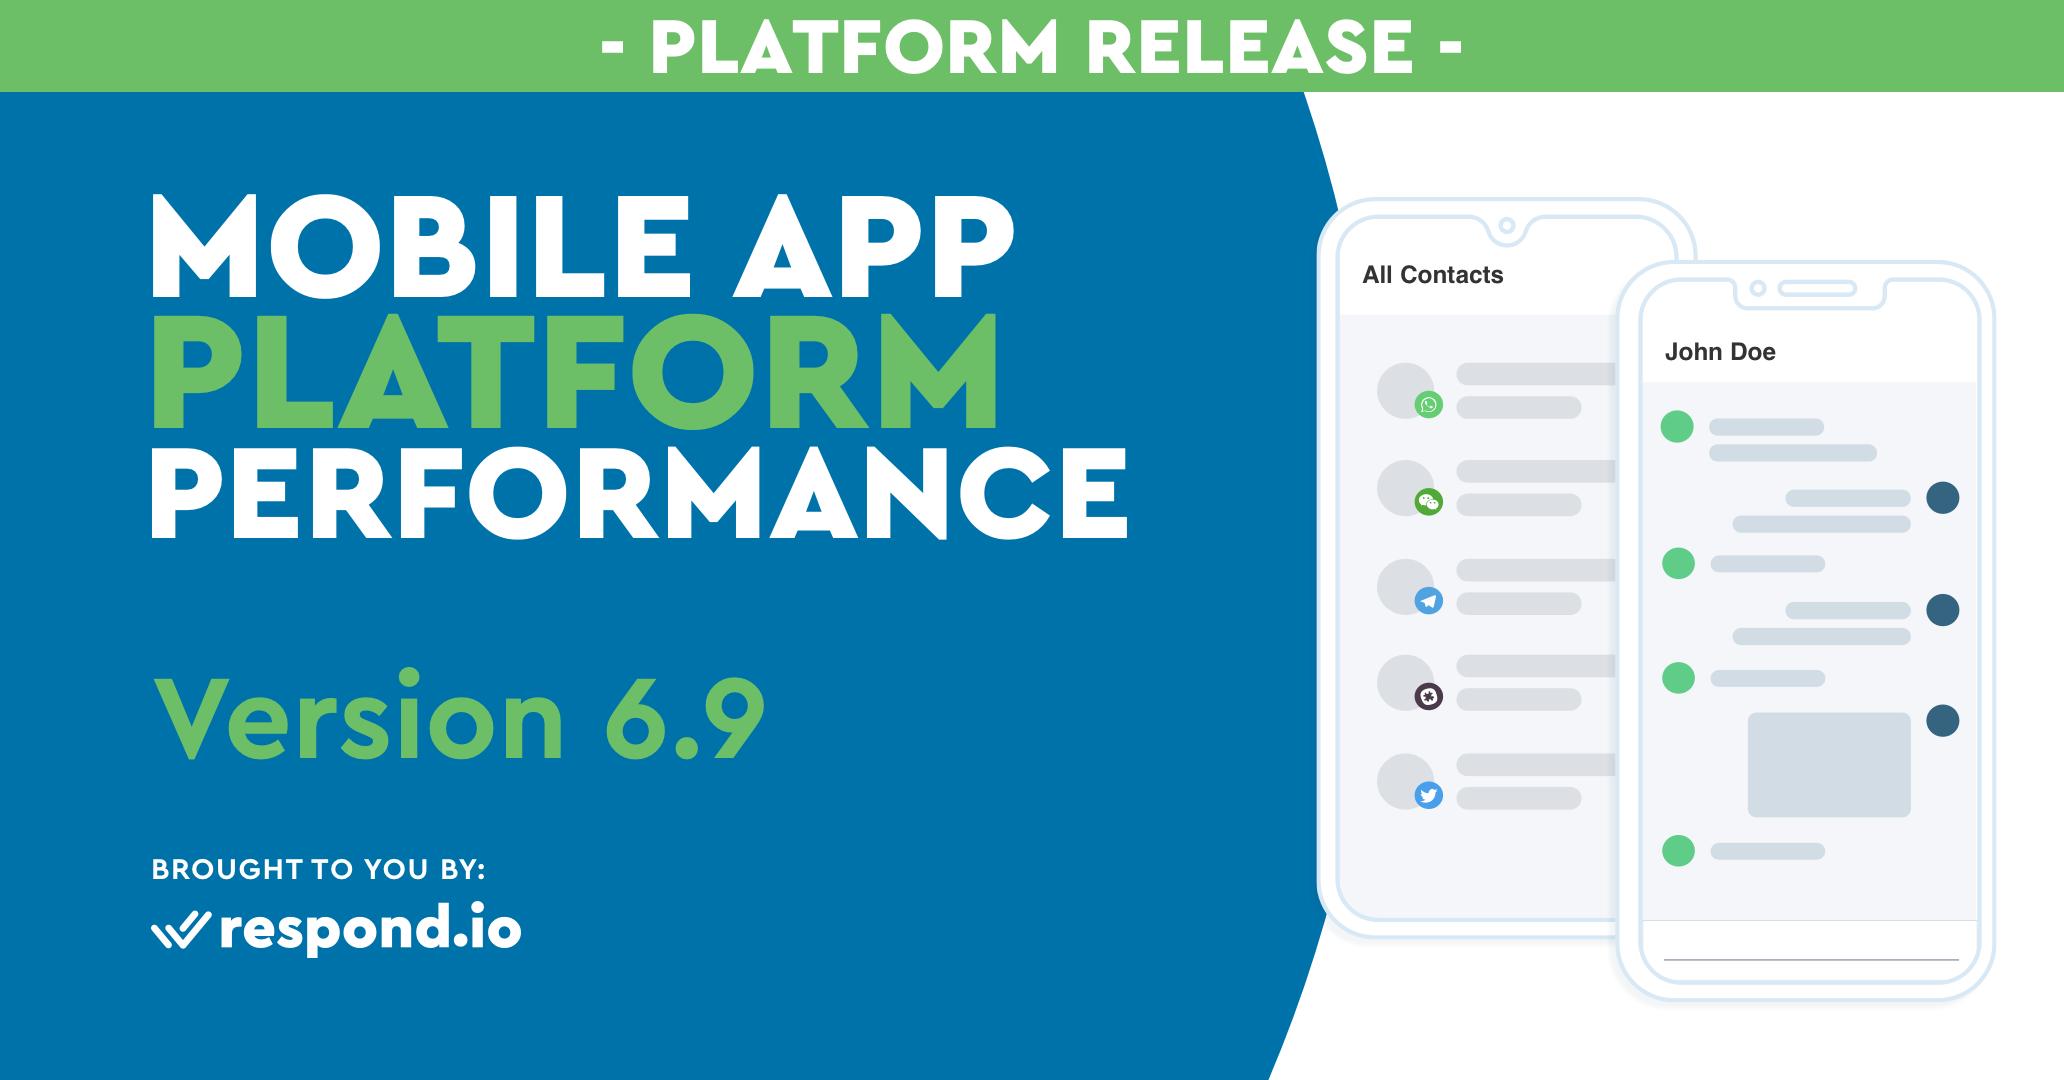 Mobile App Platform - Canny